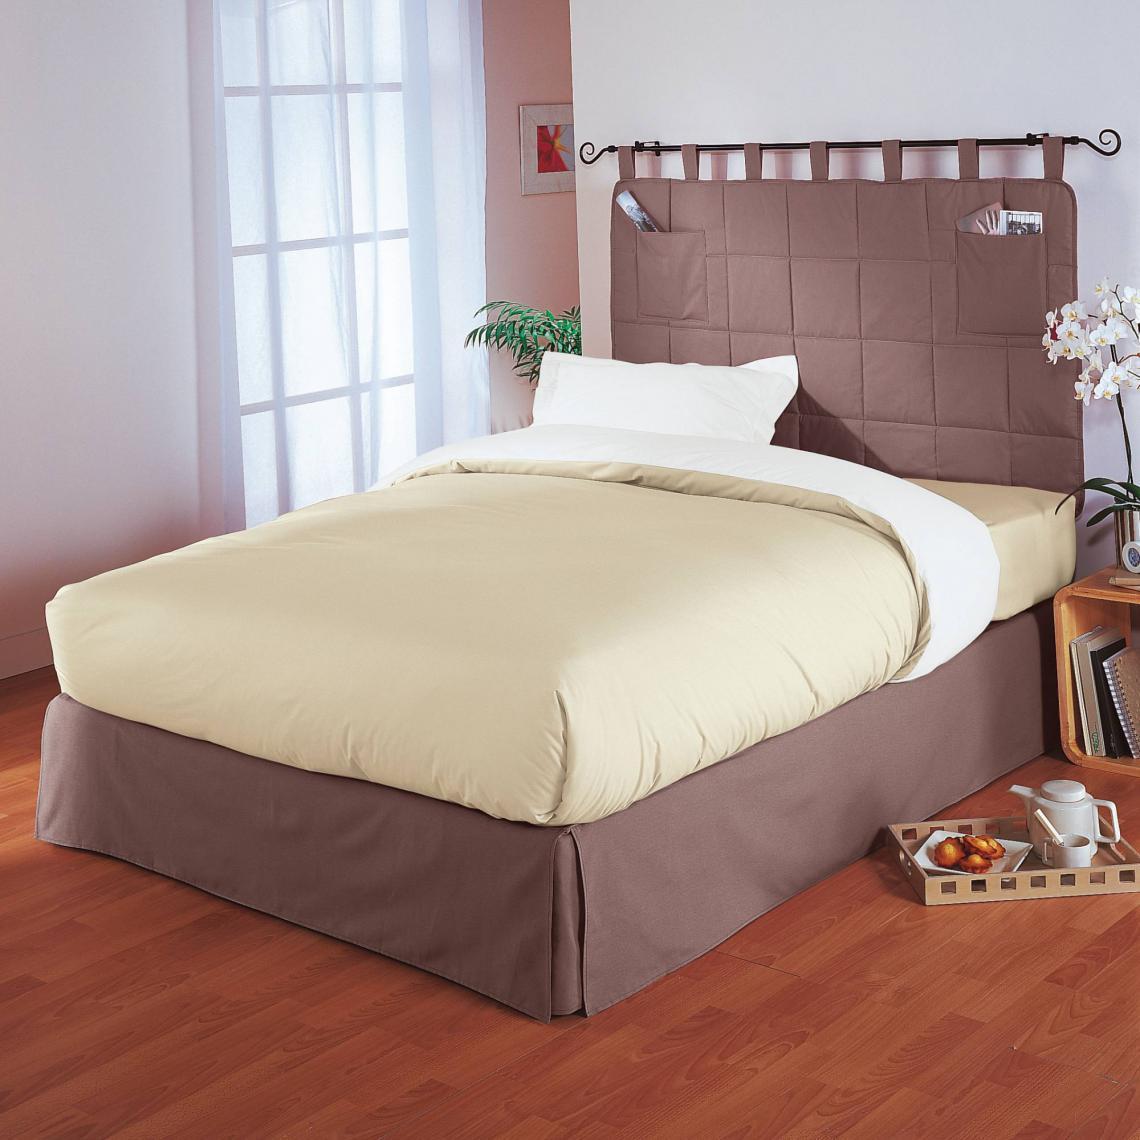 Tête de lit matelassée avec 2 poches | 3 SUISSES